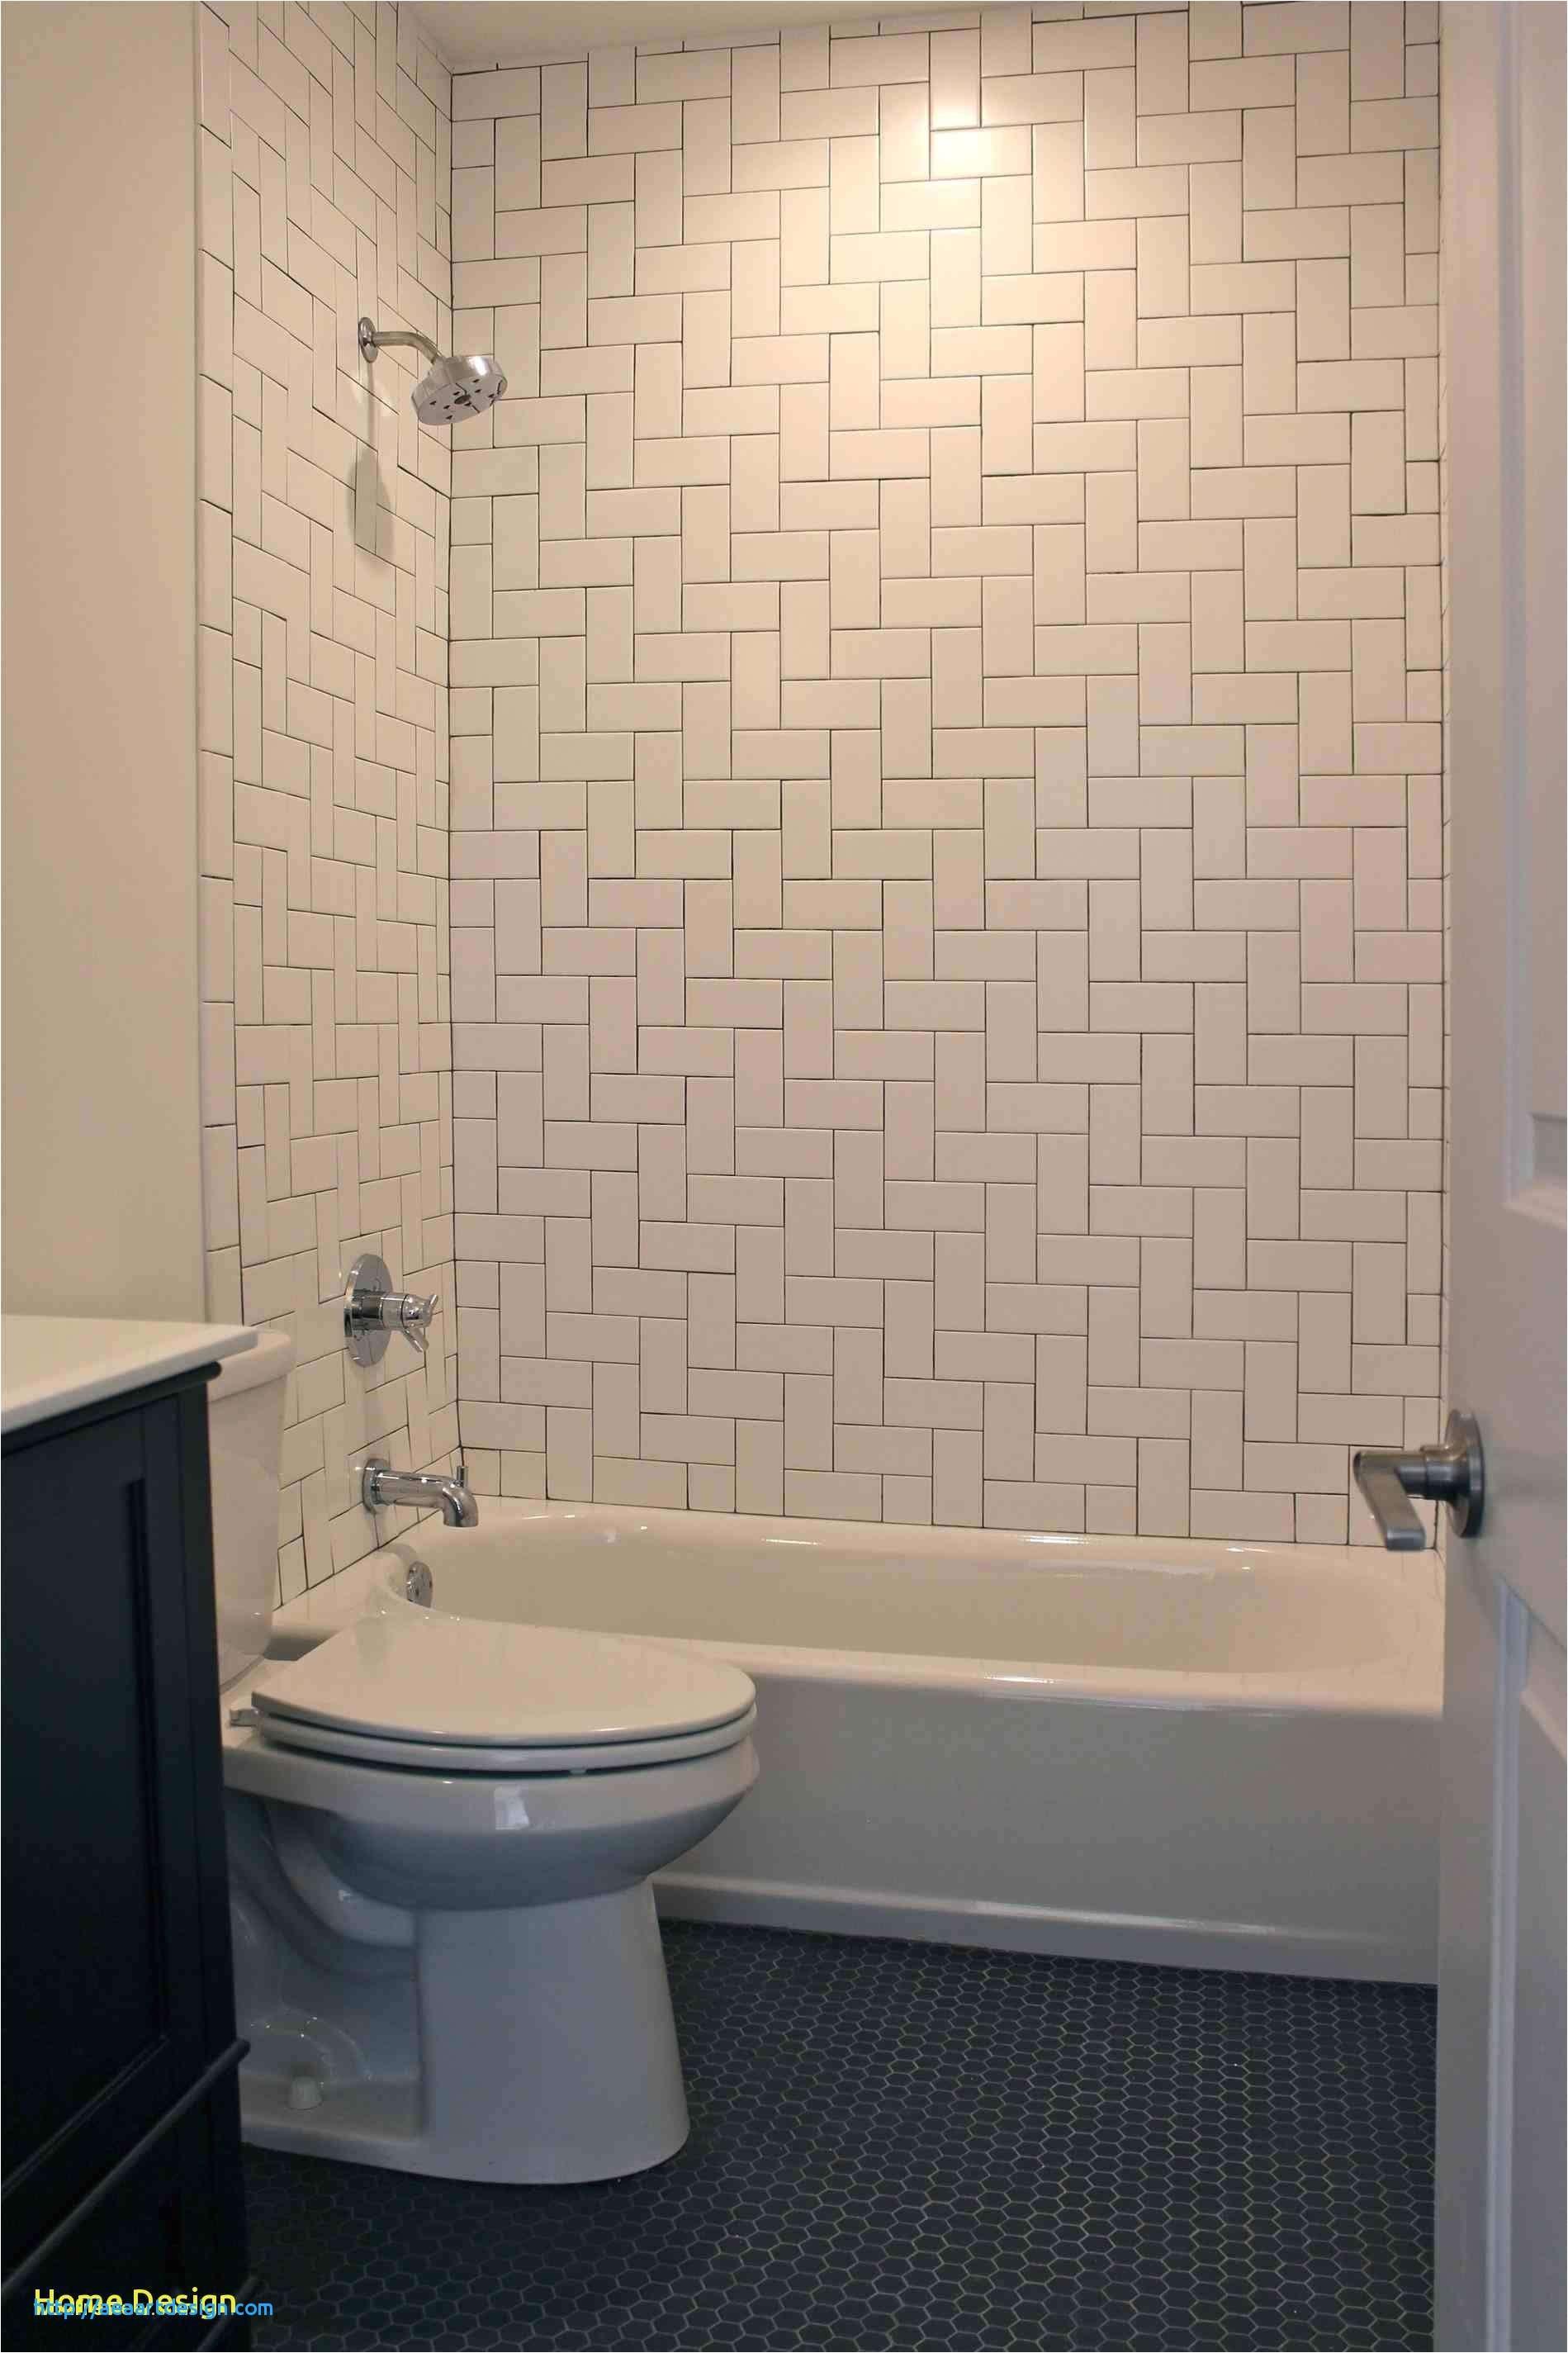 Bathroom Design Japanese Lovely Japanese Style Bathroom Design Bathroom Elegant Ideas 0d Wodfreview